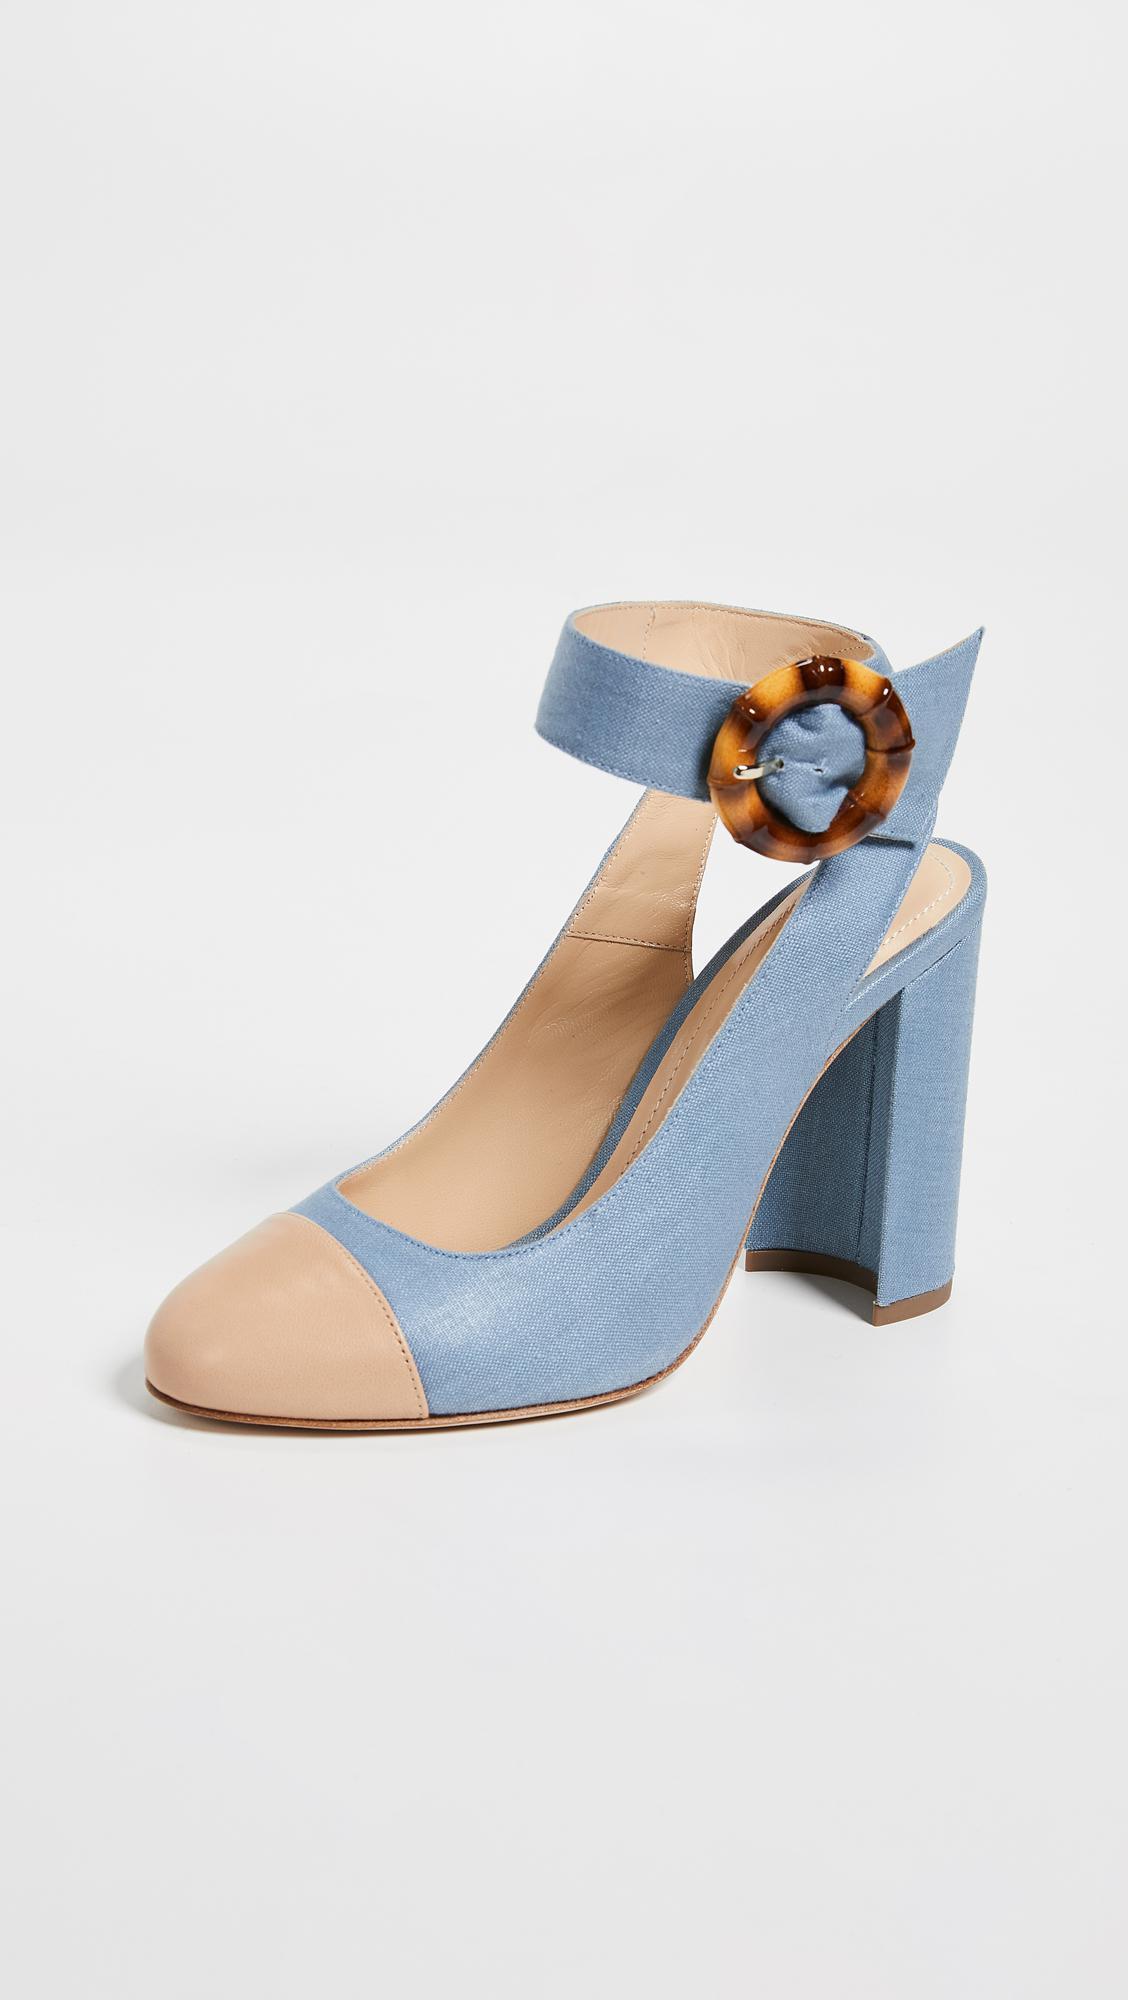 a11d5fc4f65219 Chloe Gosselin Ellen Pumps in Blue - Lyst